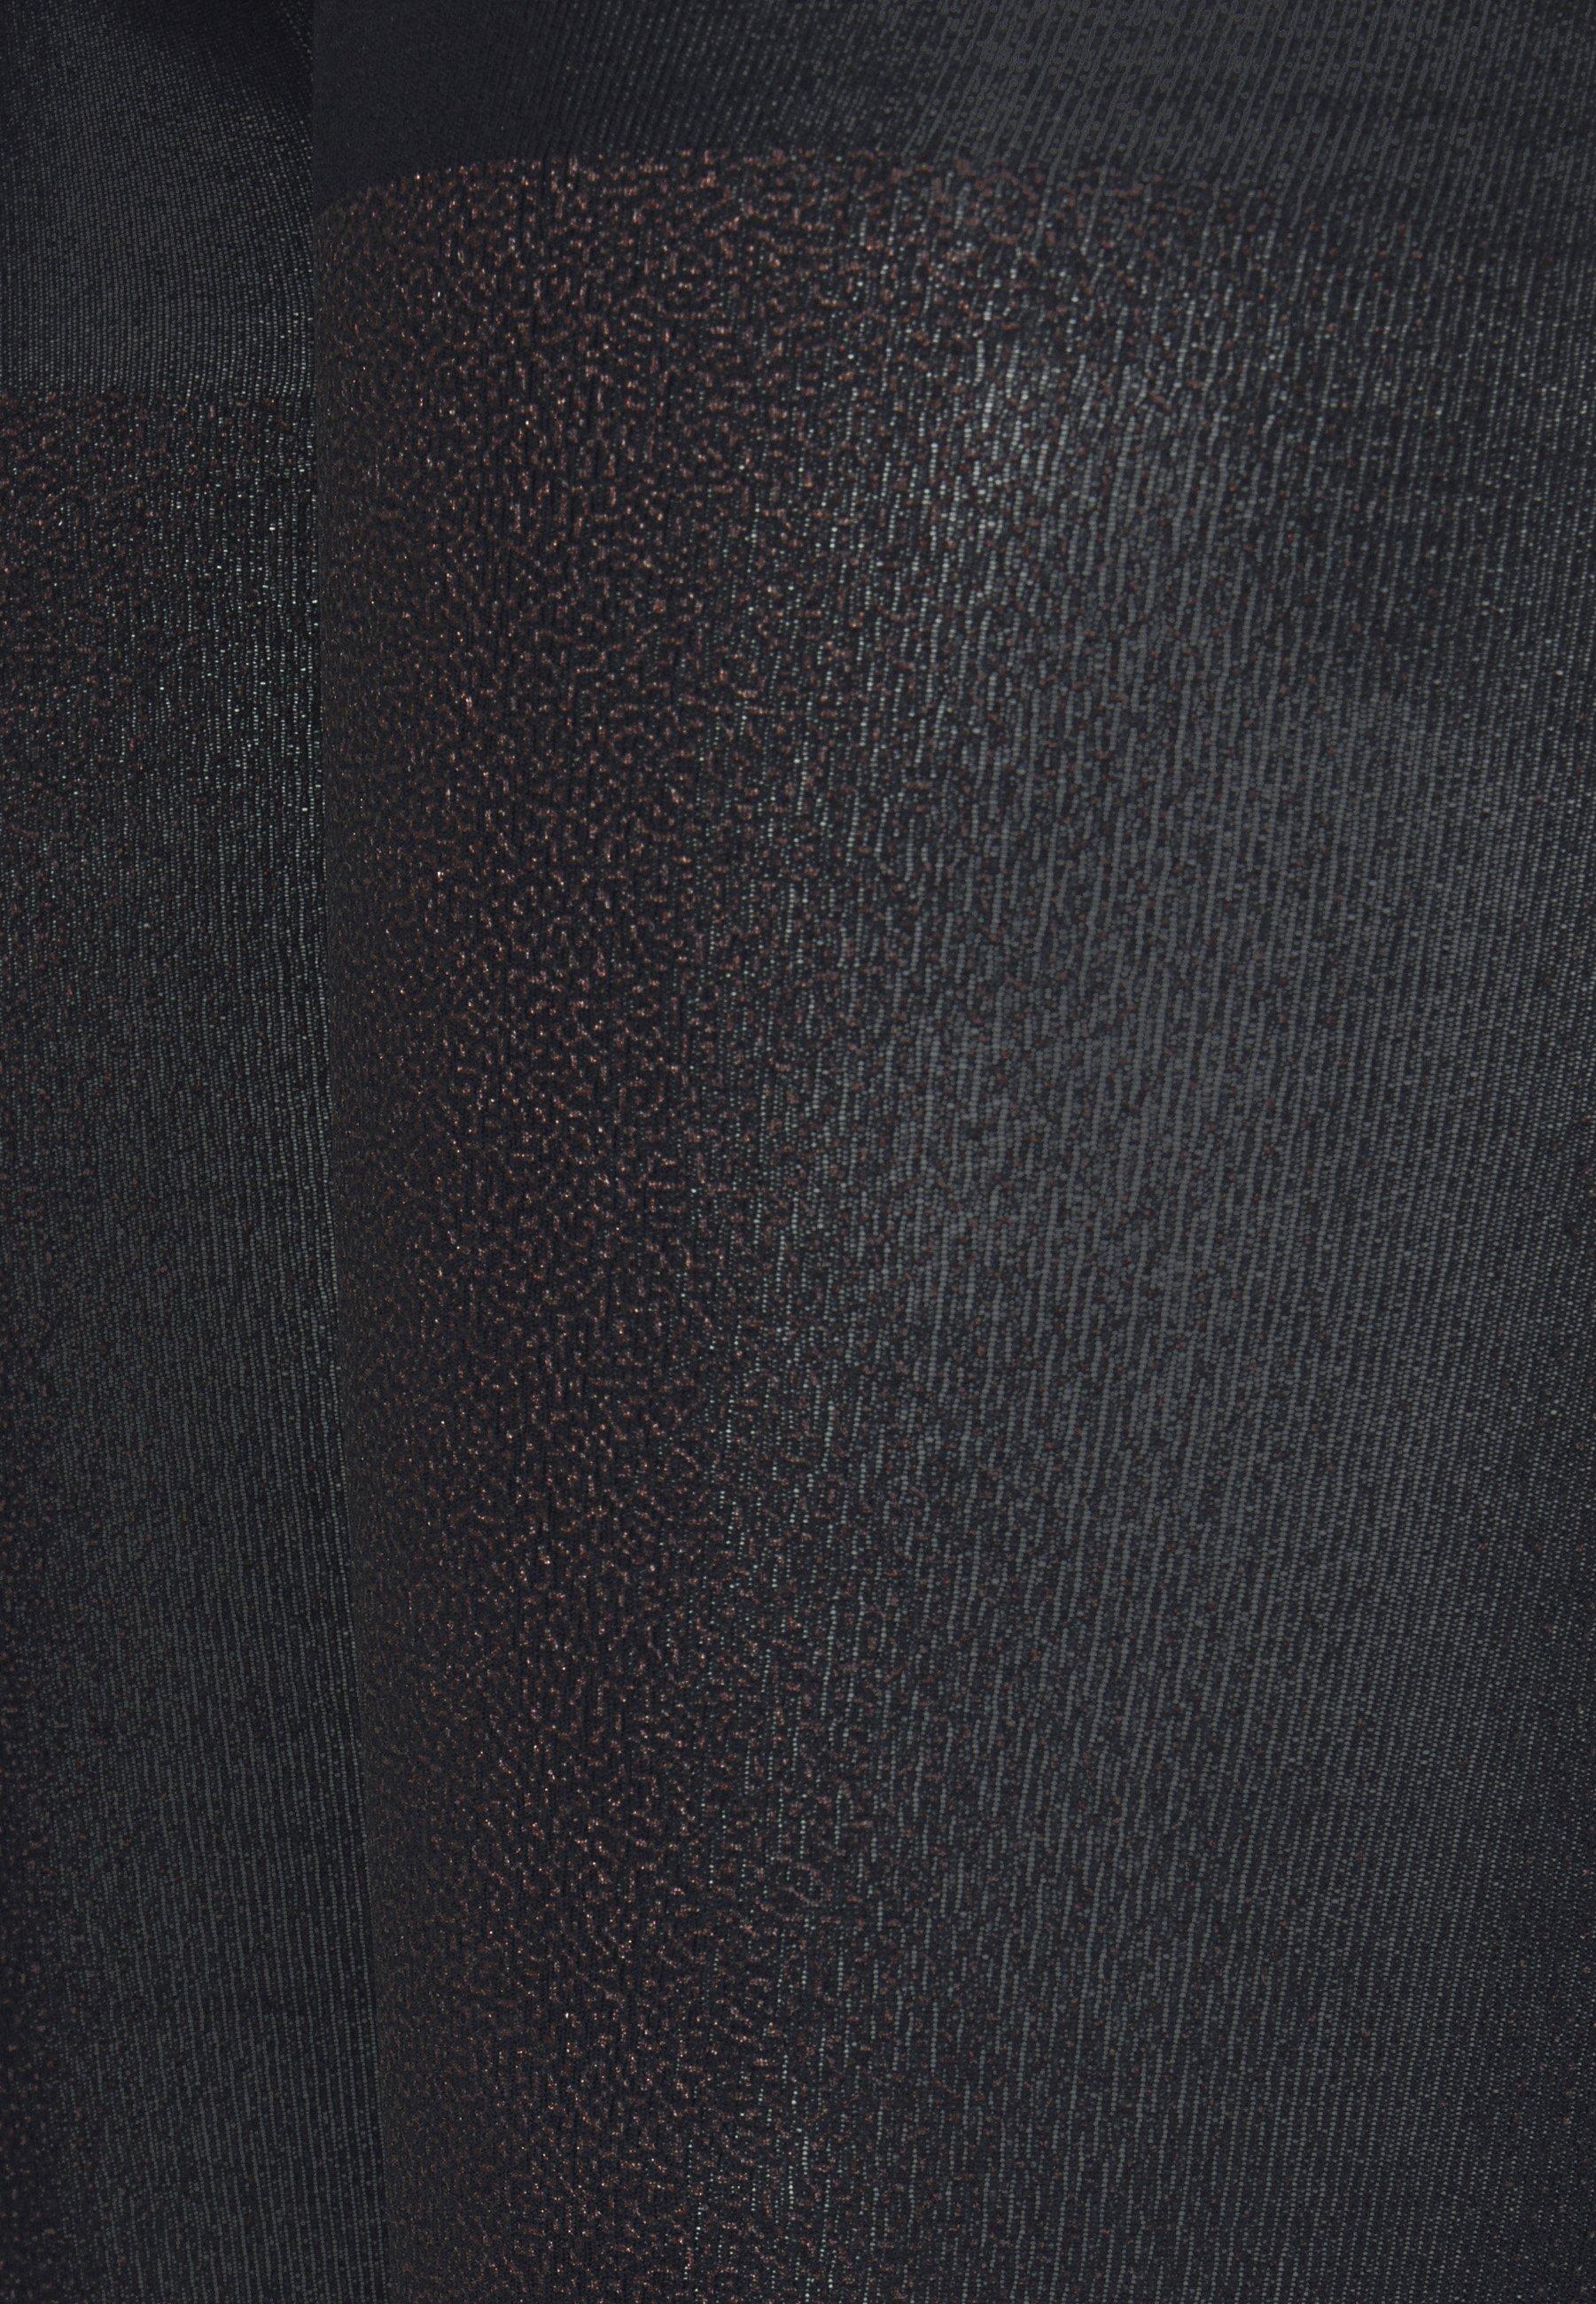 Women FALKE TARNISH 100 DENIER LEGGINGS BLICKDICHT GROB SCHWARZ - Leggings - Stockings